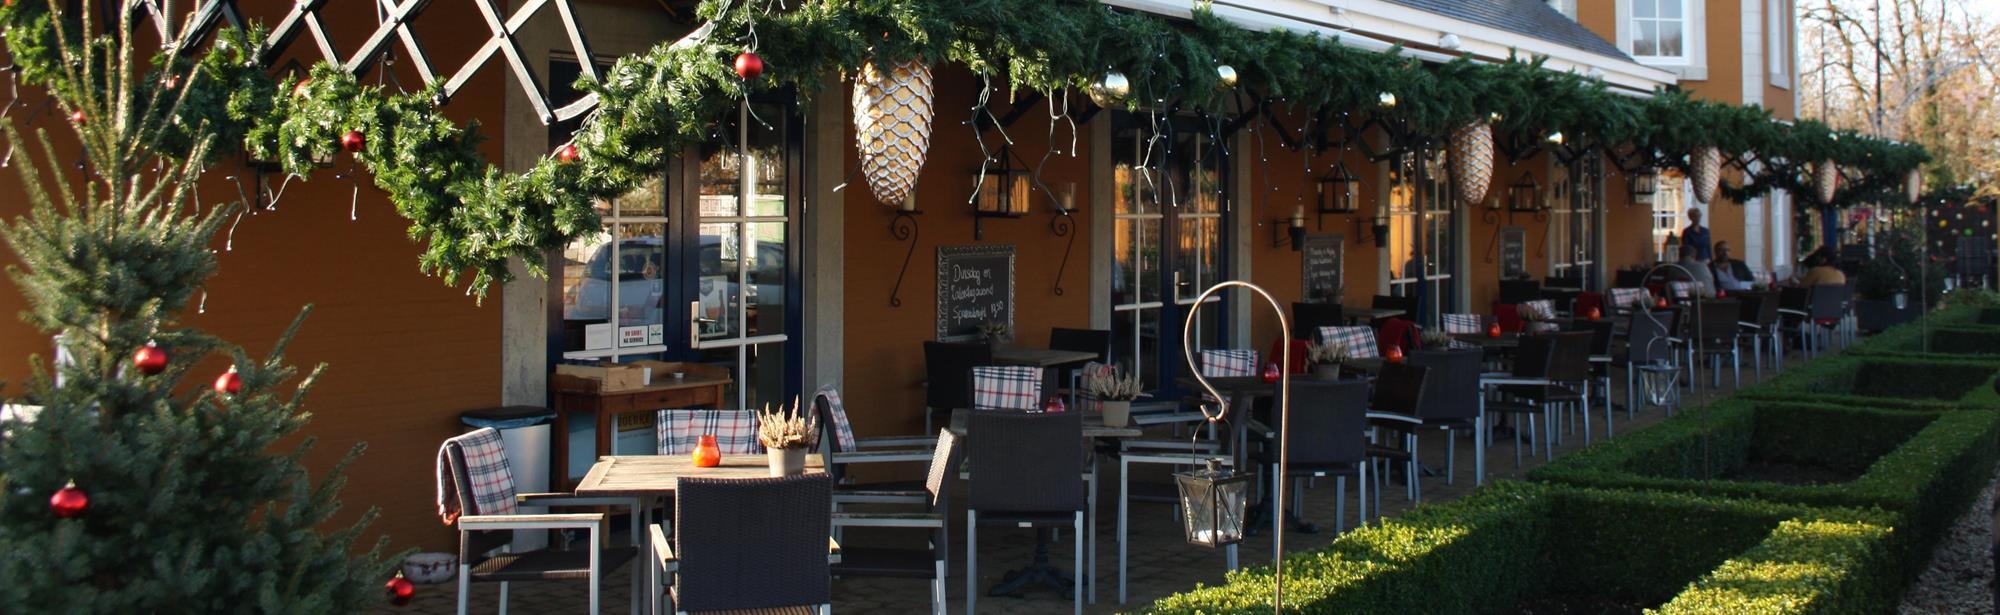 Restaurant de Zoete Zoen